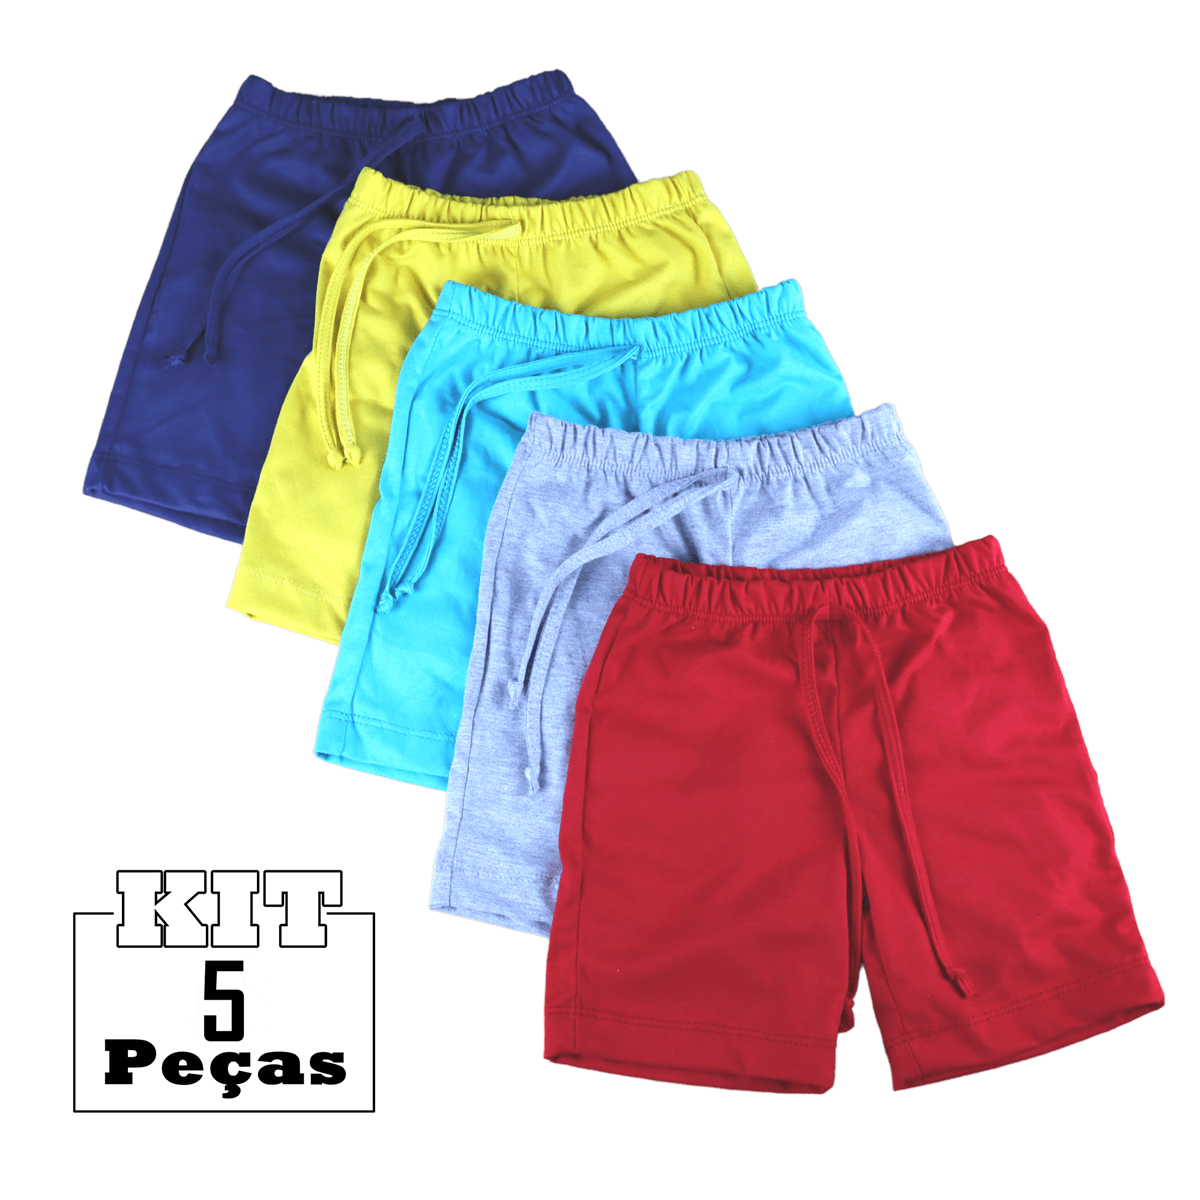 Kit 5 Shorts Bebê Menino(a) Infantil 100% Algodão Atacado  - HF | High Flight